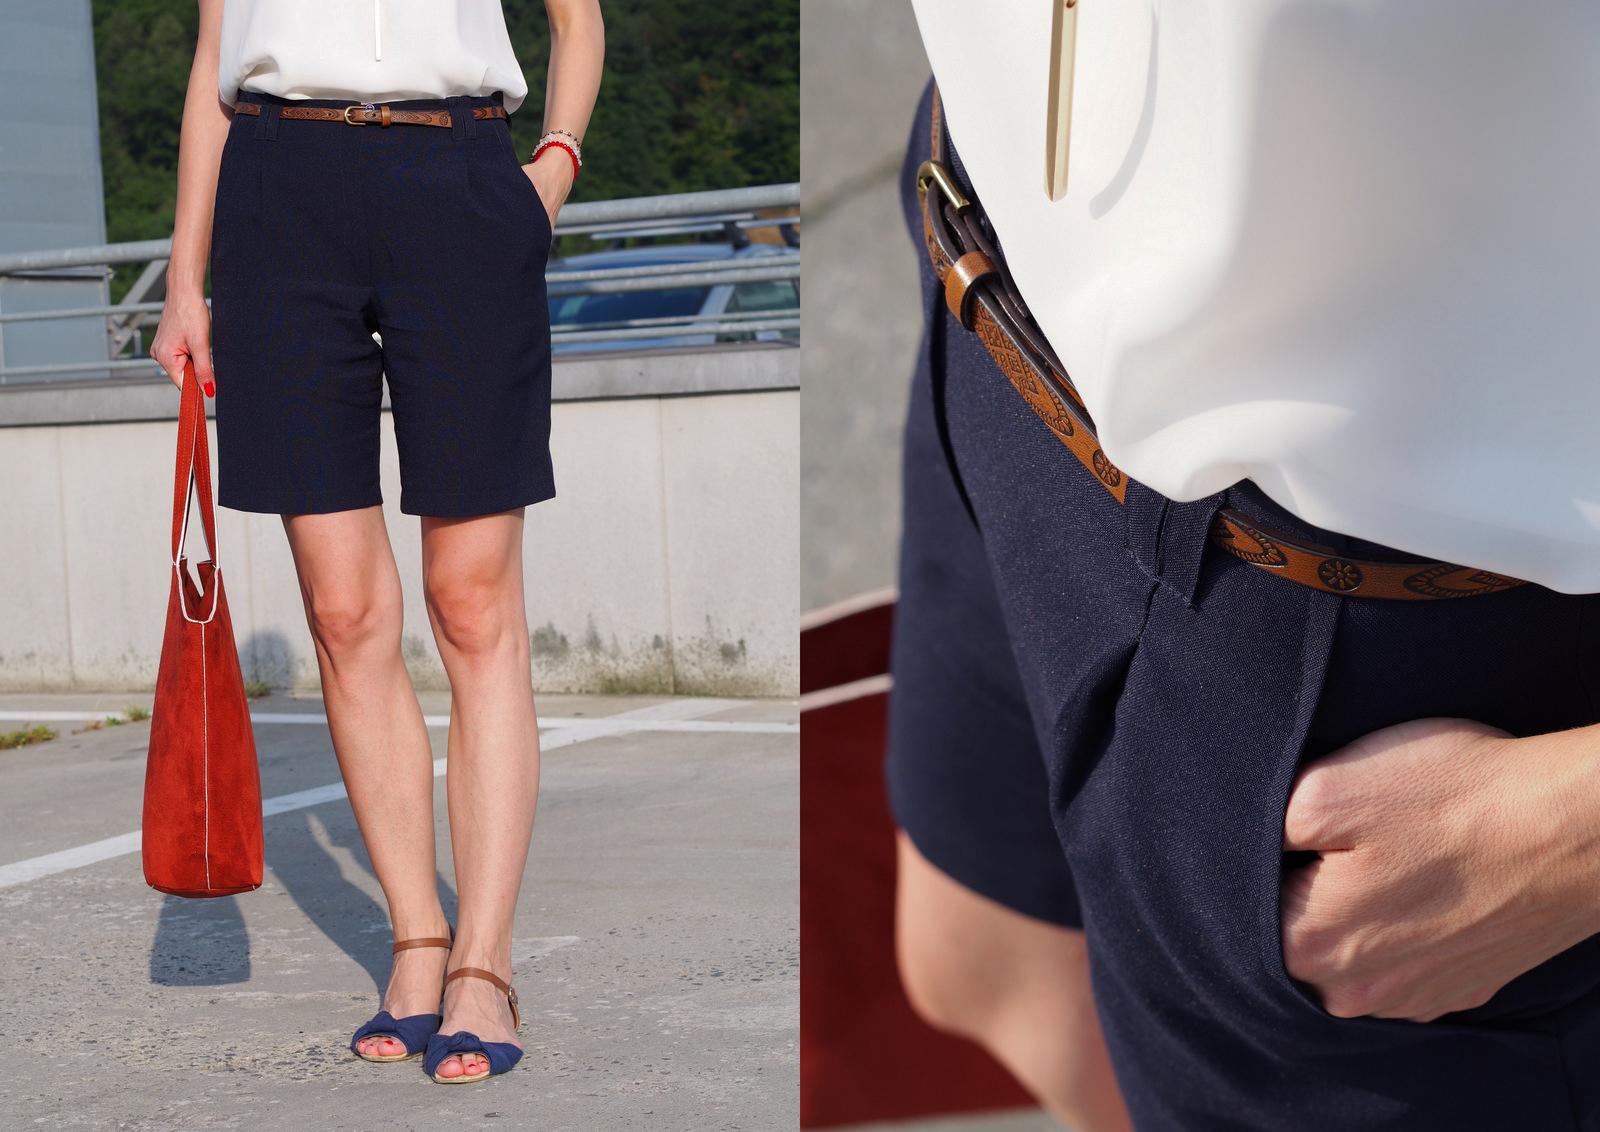 letný elegantný outfit do práce //  tmavomodré handmade šortky